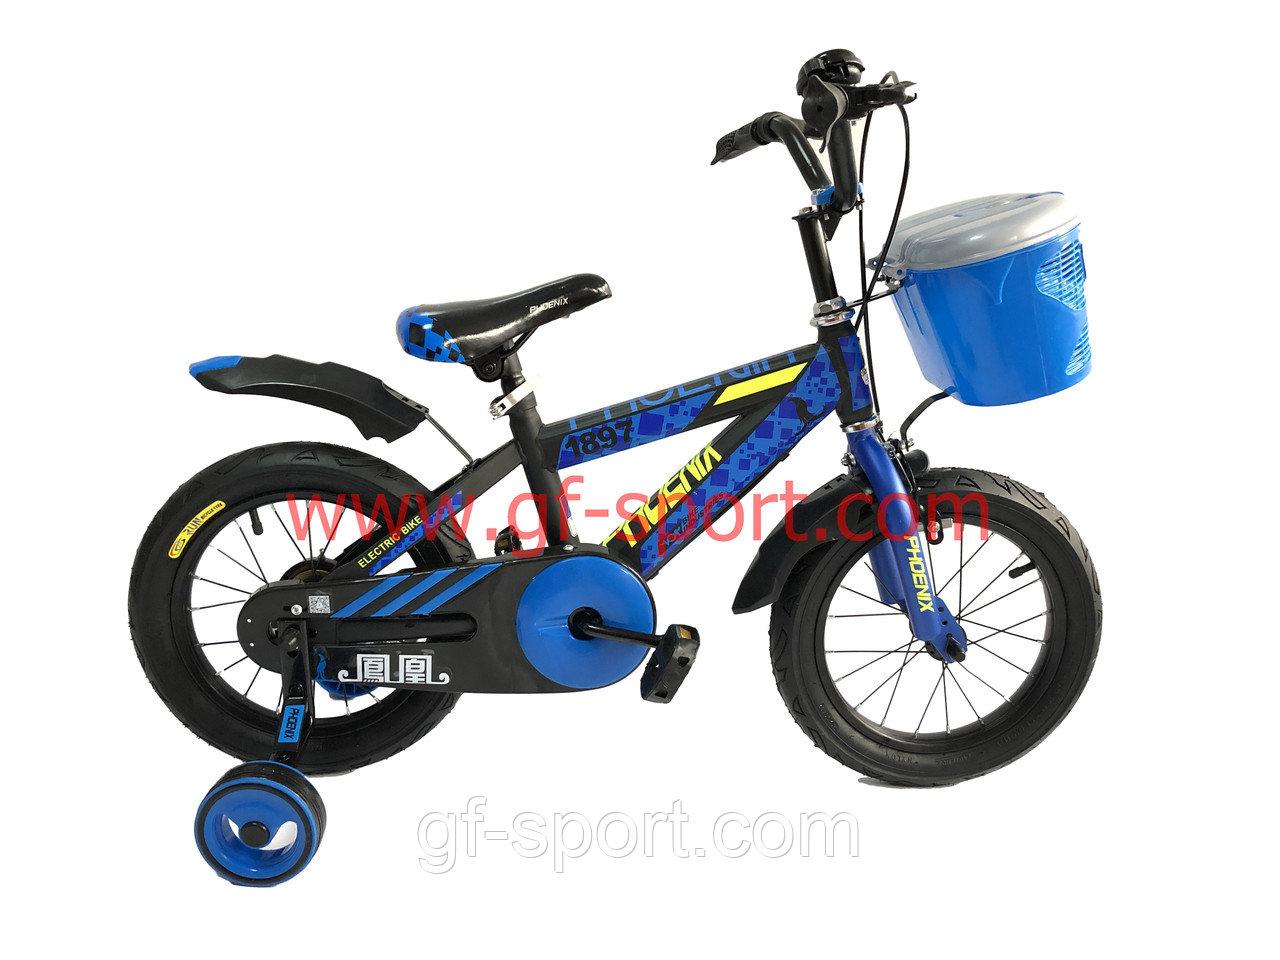 Велосипед Phoenix алюминиевый сплав оригинал детский с холостым ходом 14 размер